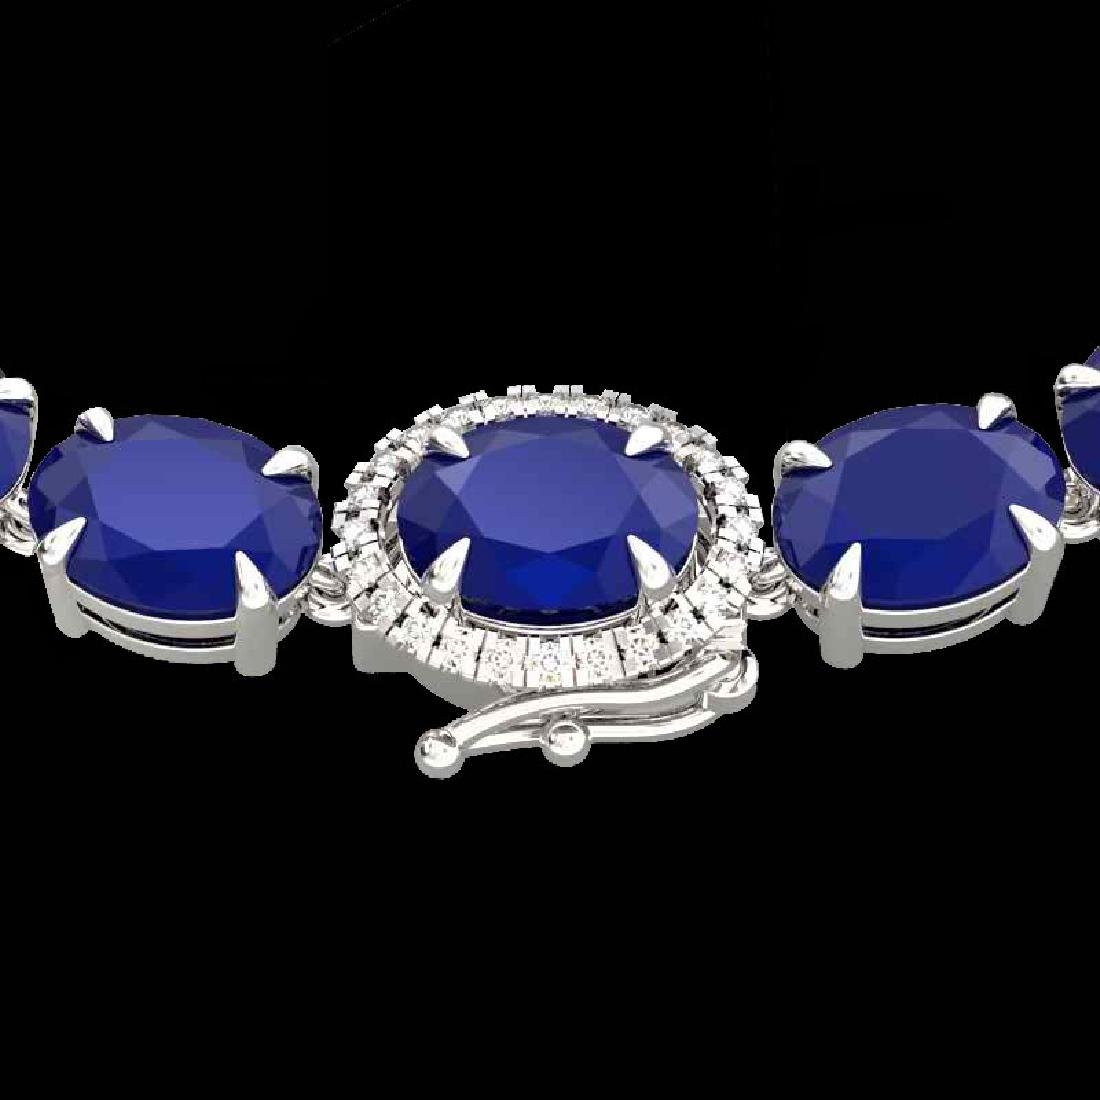 92 CTW Sapphire & VS/SI Diamond Tennis Micro Pave Halo